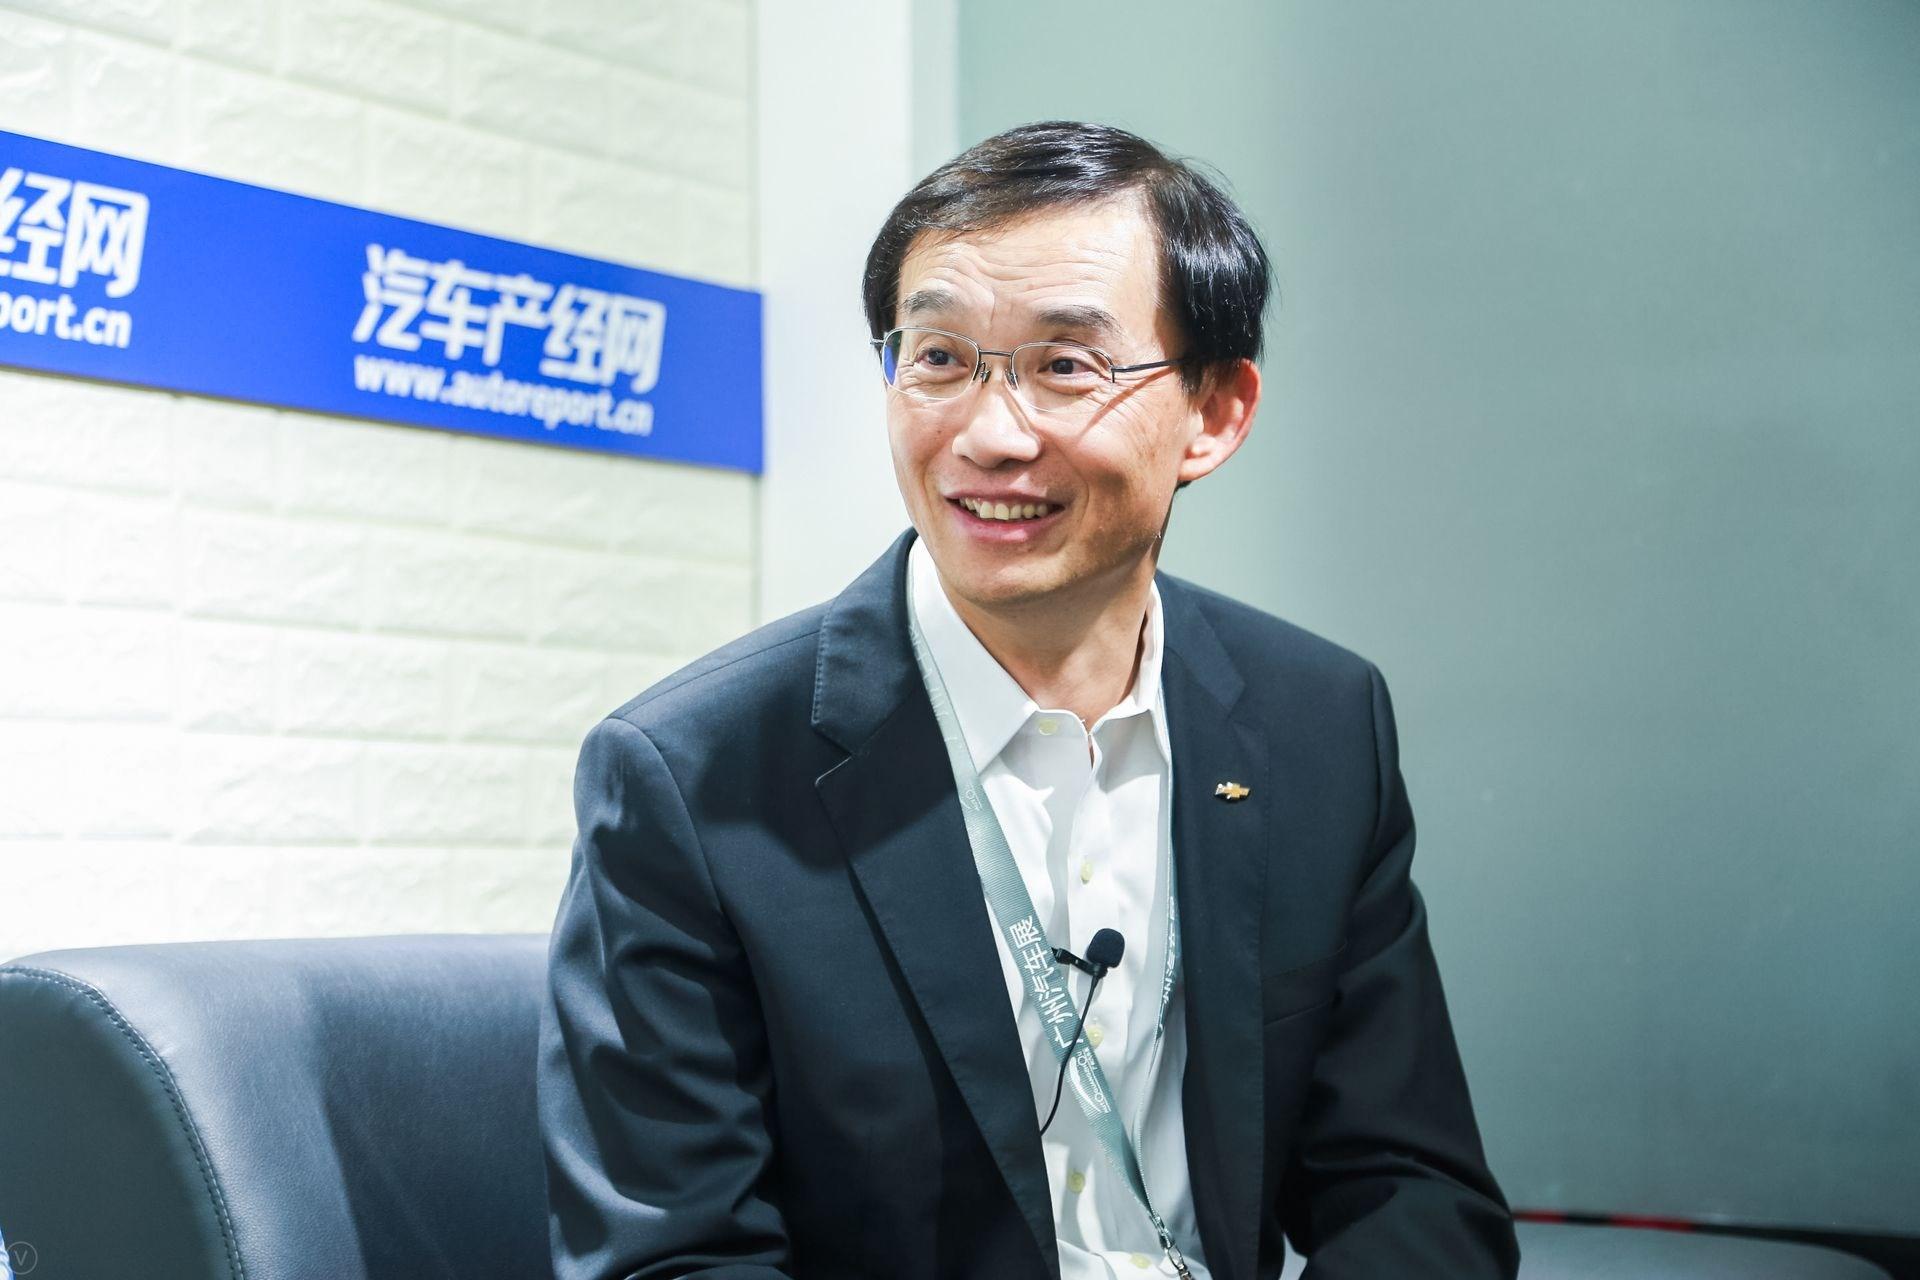 张志宏:雪佛兰销量虽有起伏 但品牌上升势头明显